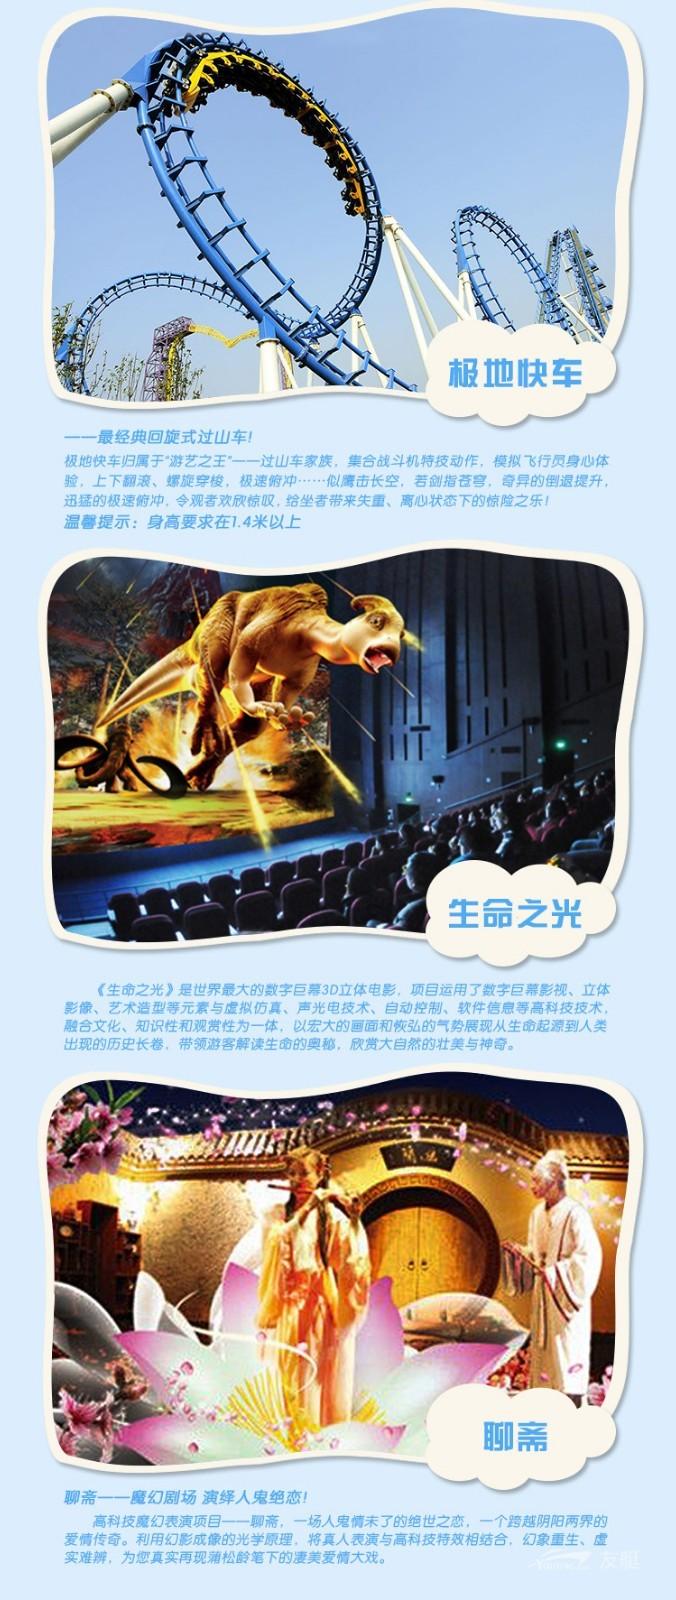 厦门方特梦幻王国,亚洲科幻传奇(请提前一天于23点前订票)